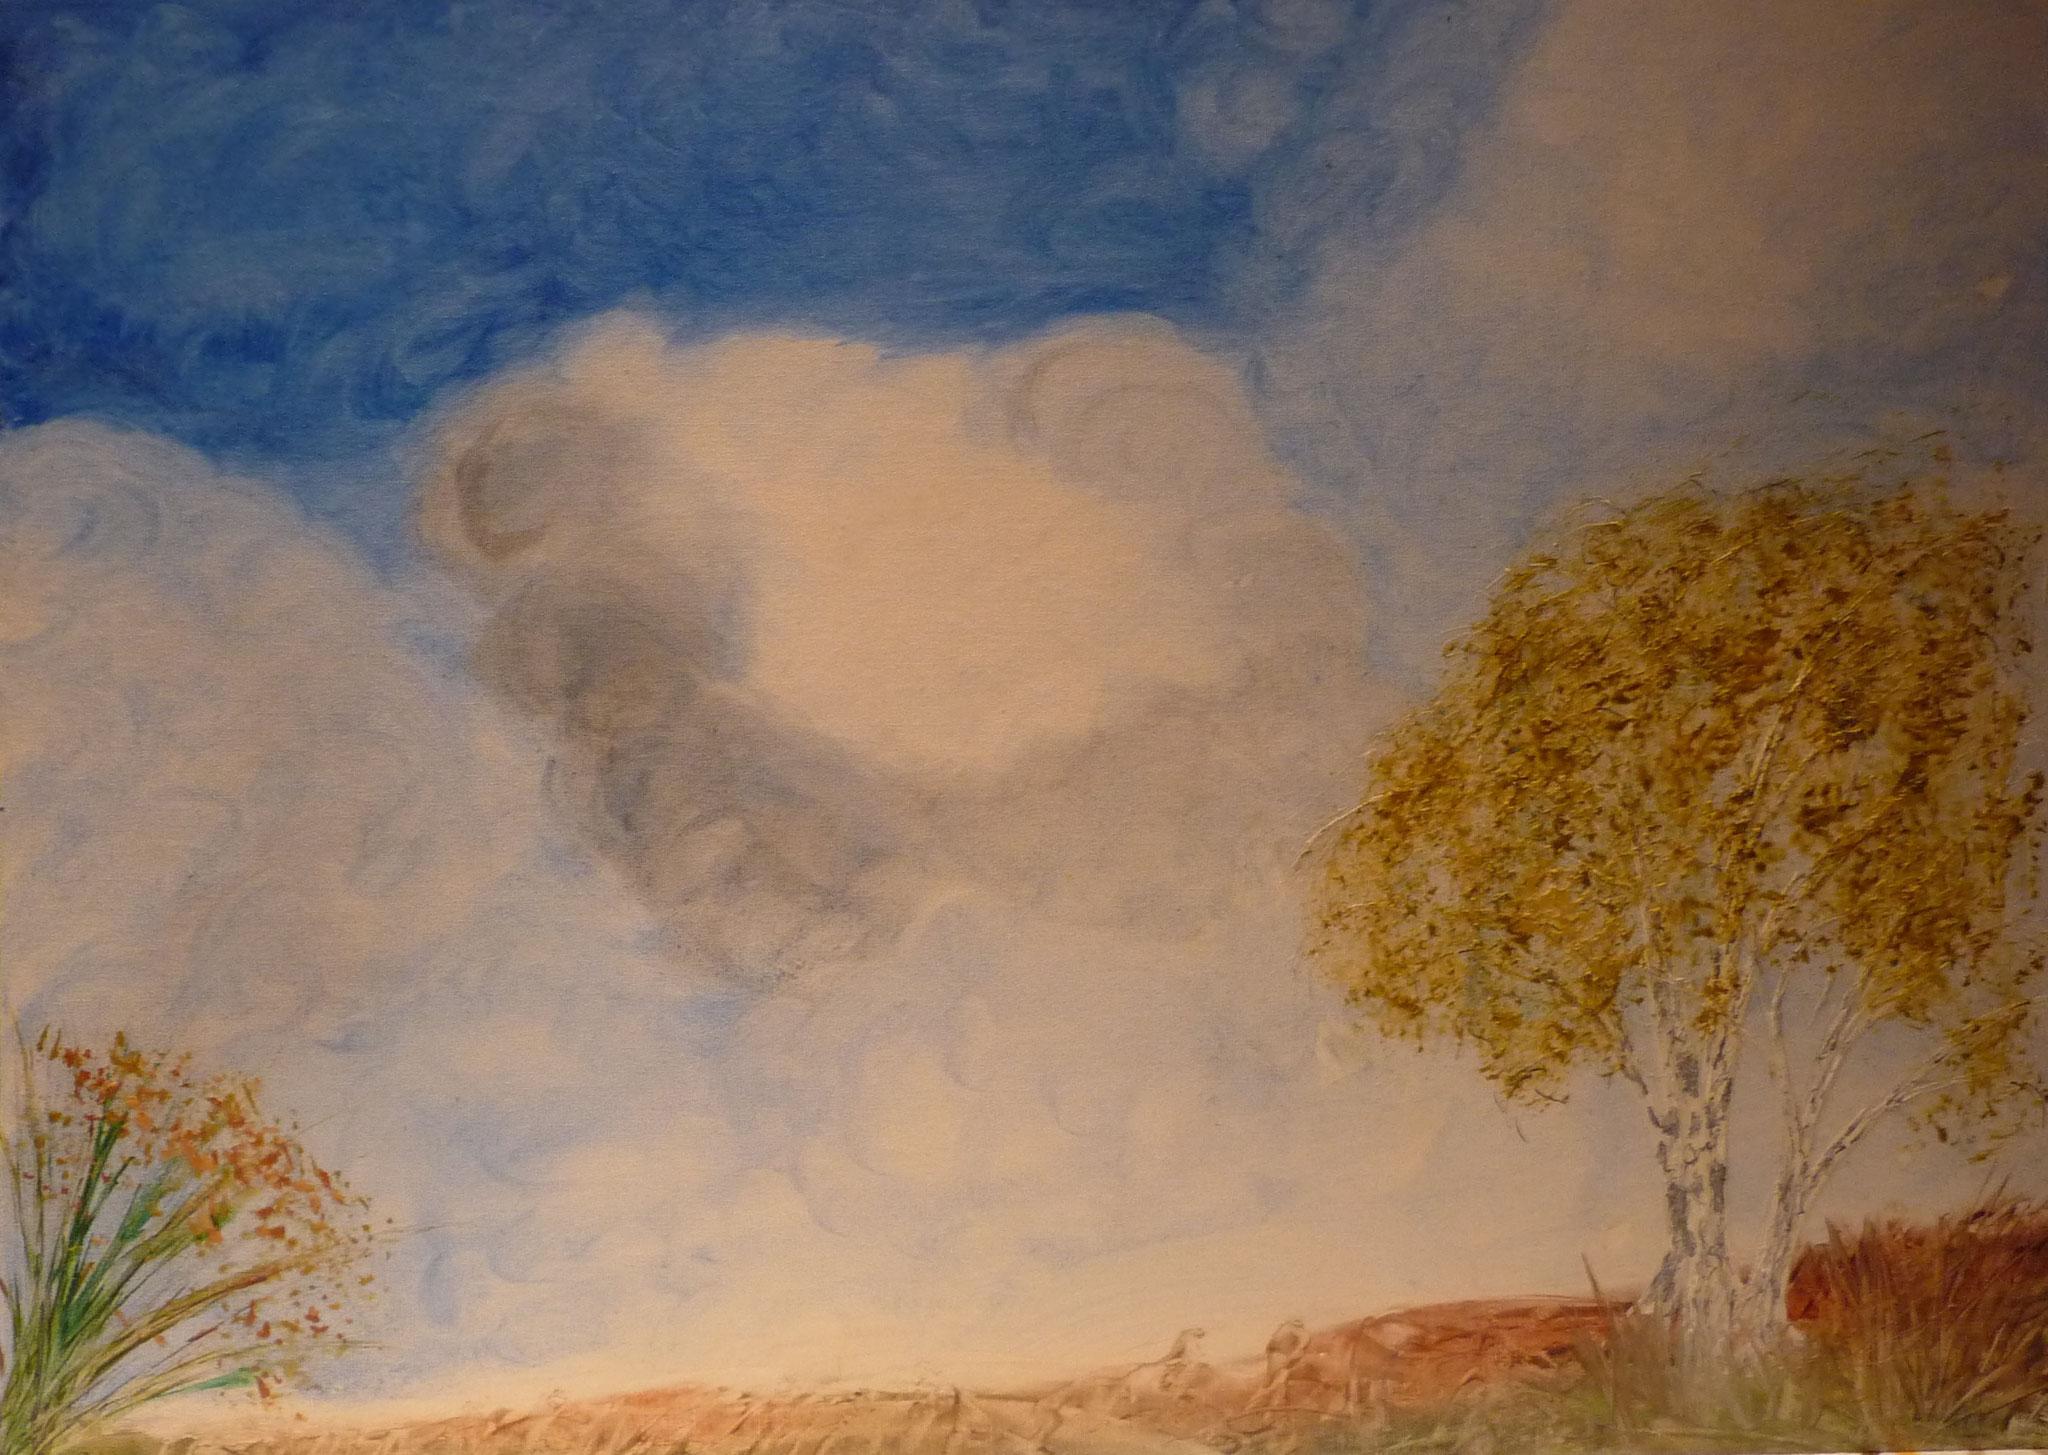 Nr. 28 - Wolkenlandschaft 70x50cm - 500 €